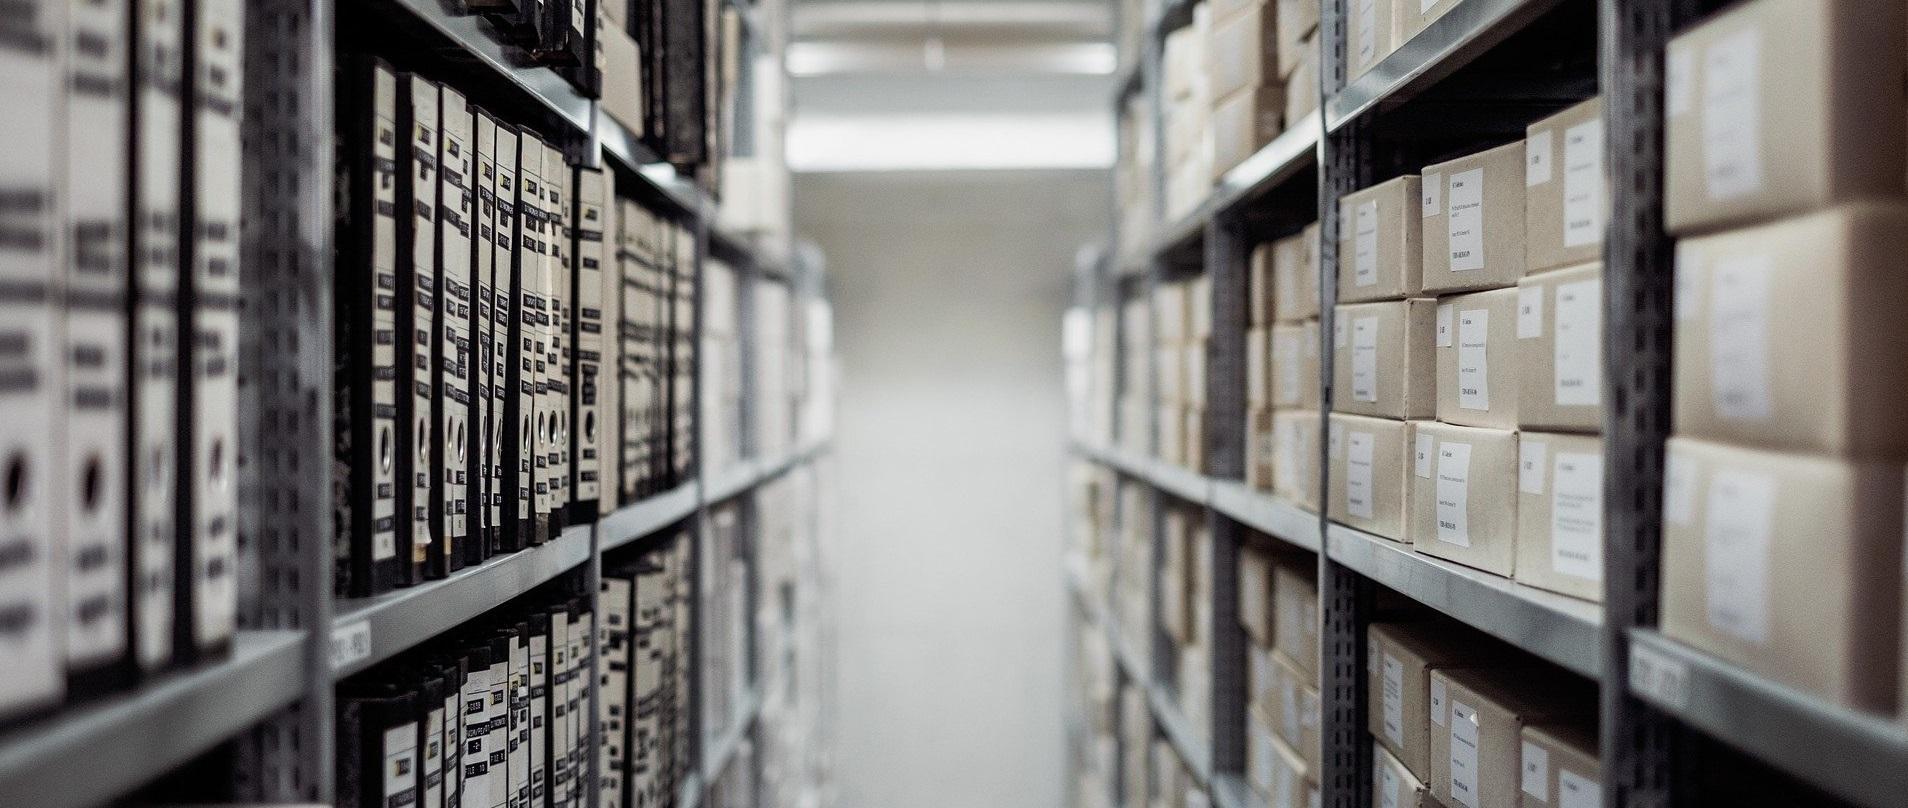 HEADER Archiv